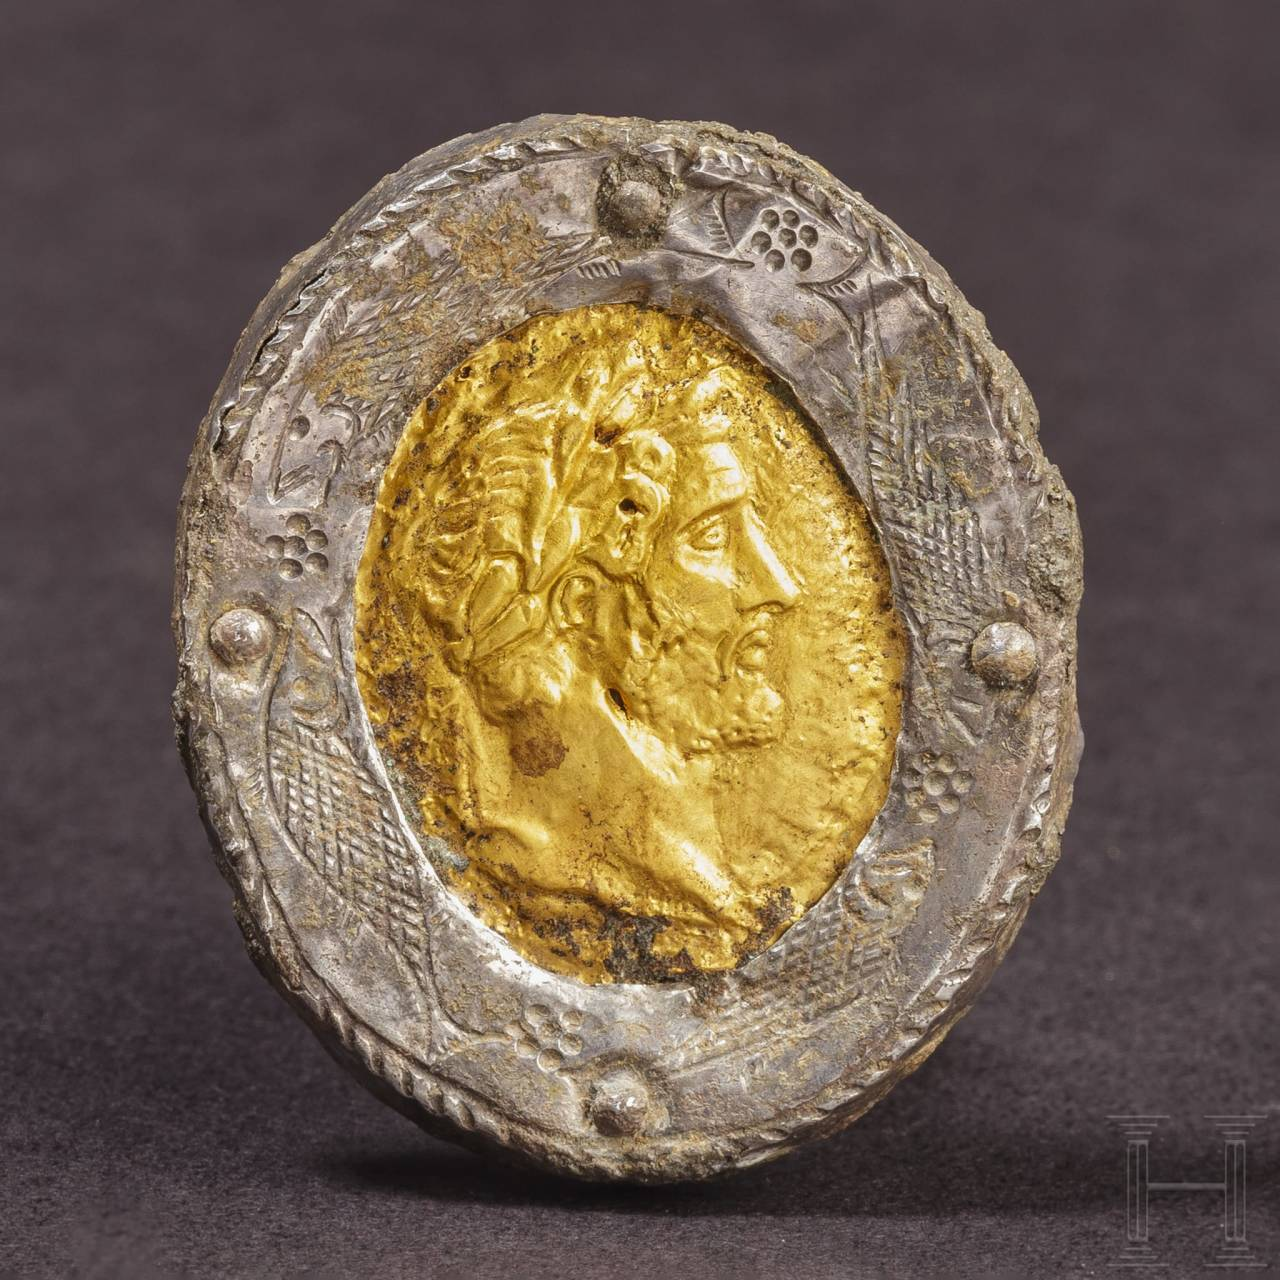 Porträtfibel mit dem goldenen Bildnis des Antoninus Pius, römisch, Mitte 2. - 3. Jhdt.